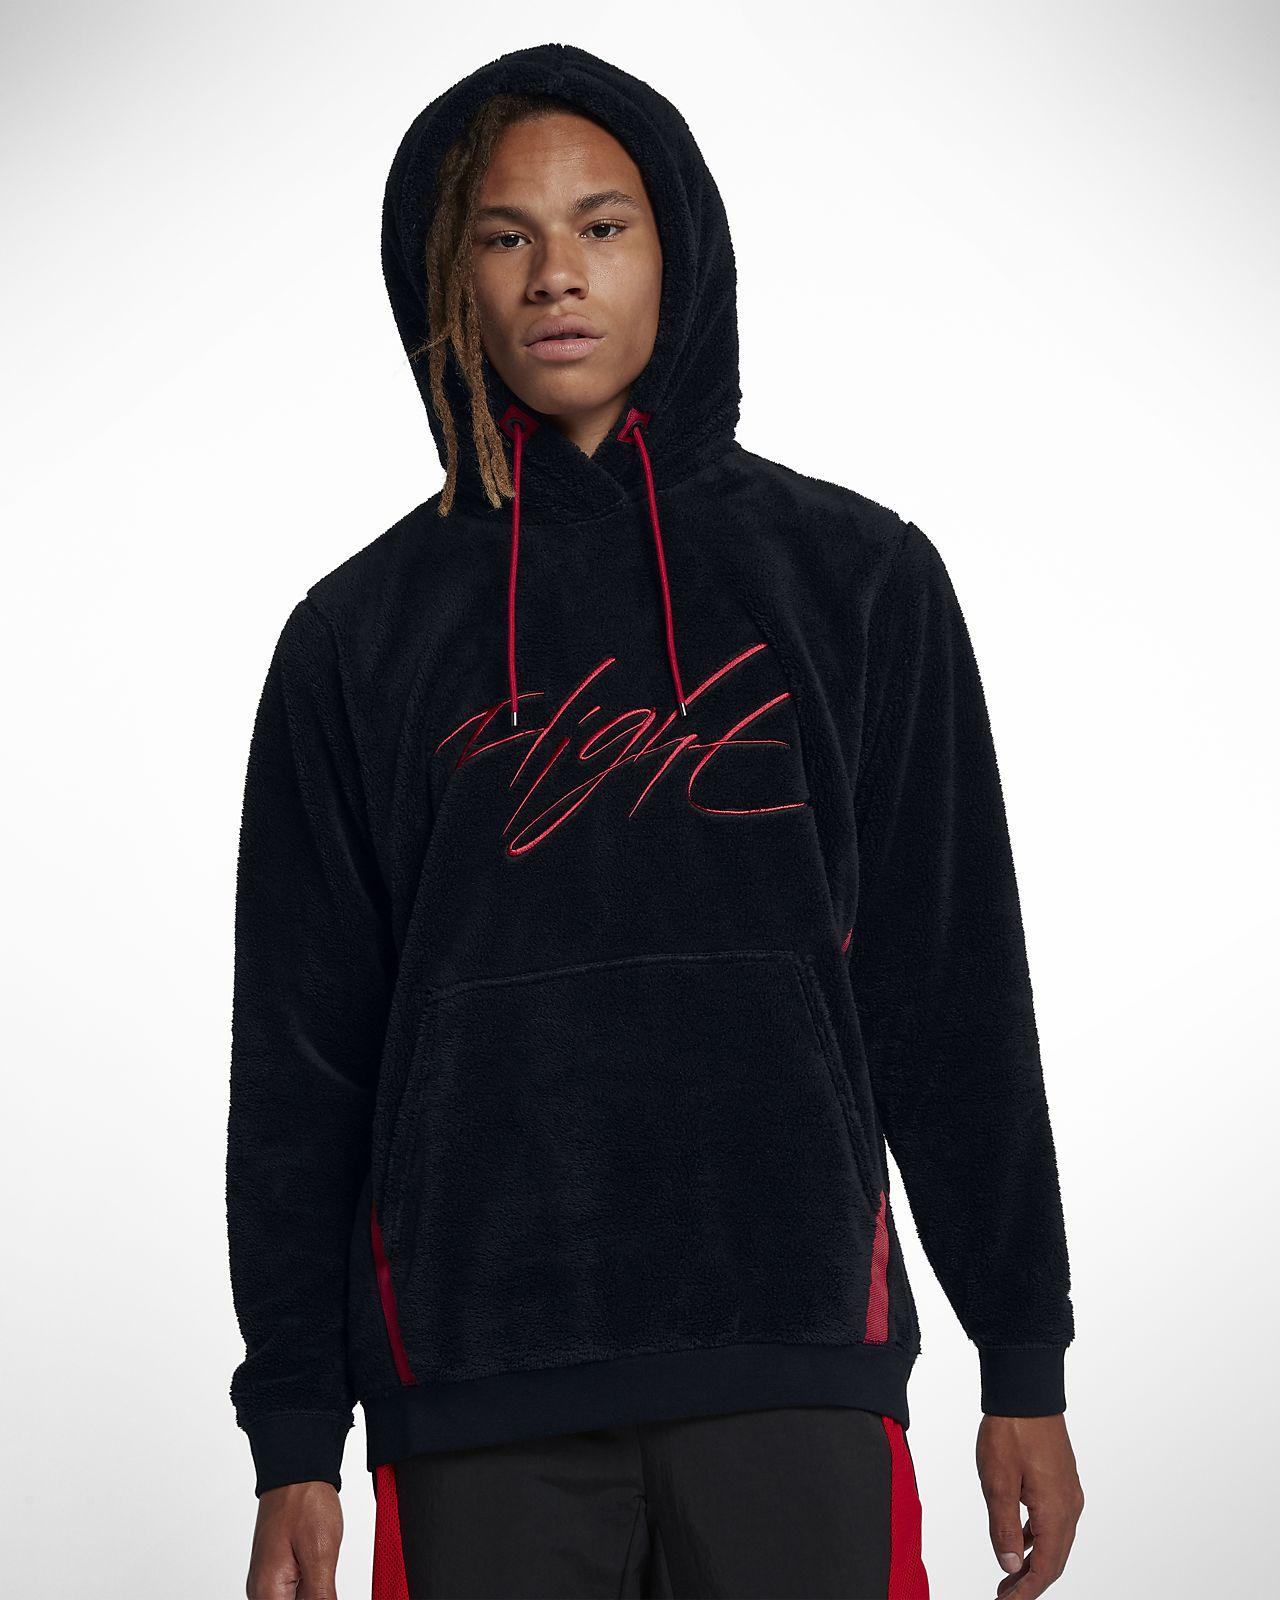 9bda48e8fb ... discount jordan sportswear wings of flight sherpa hoodie für herren  950a4 67f4c